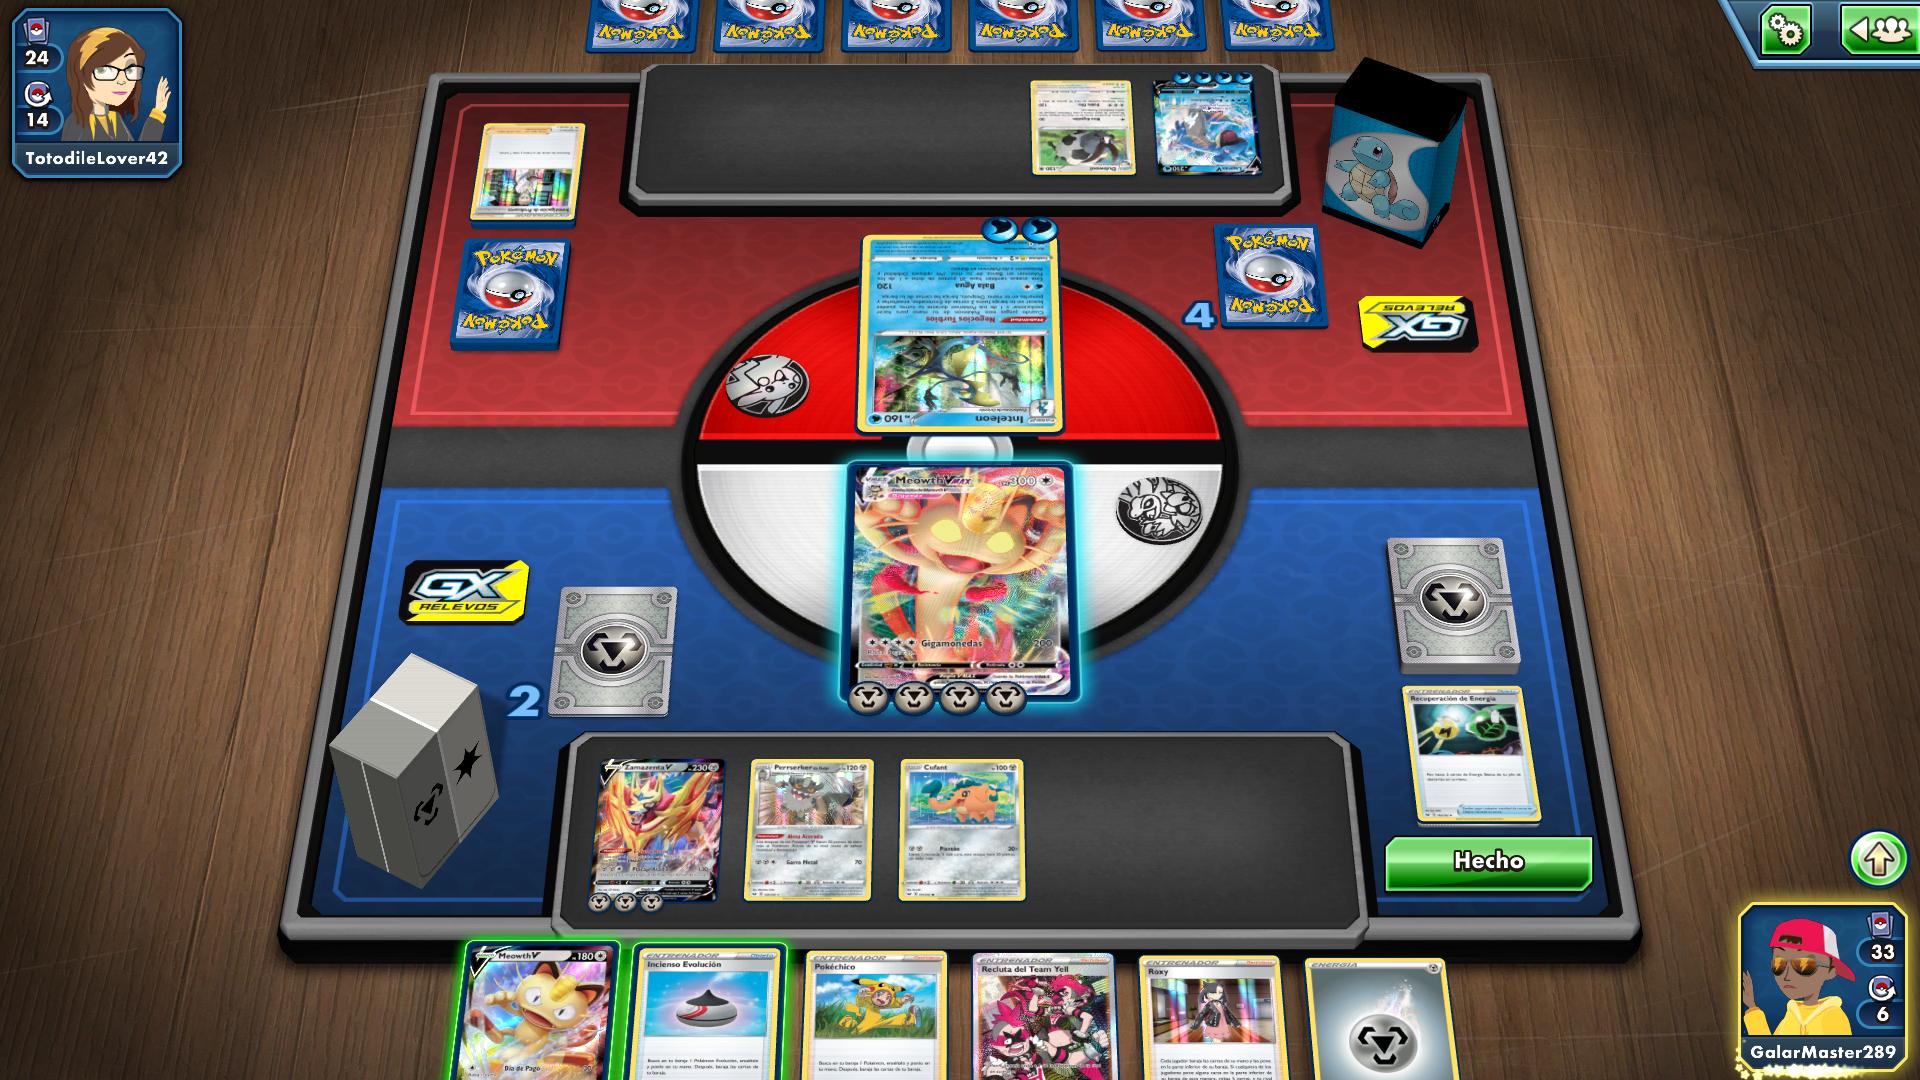 Aprende a jugar al Juego de Cartas Coleccionables Pokémon